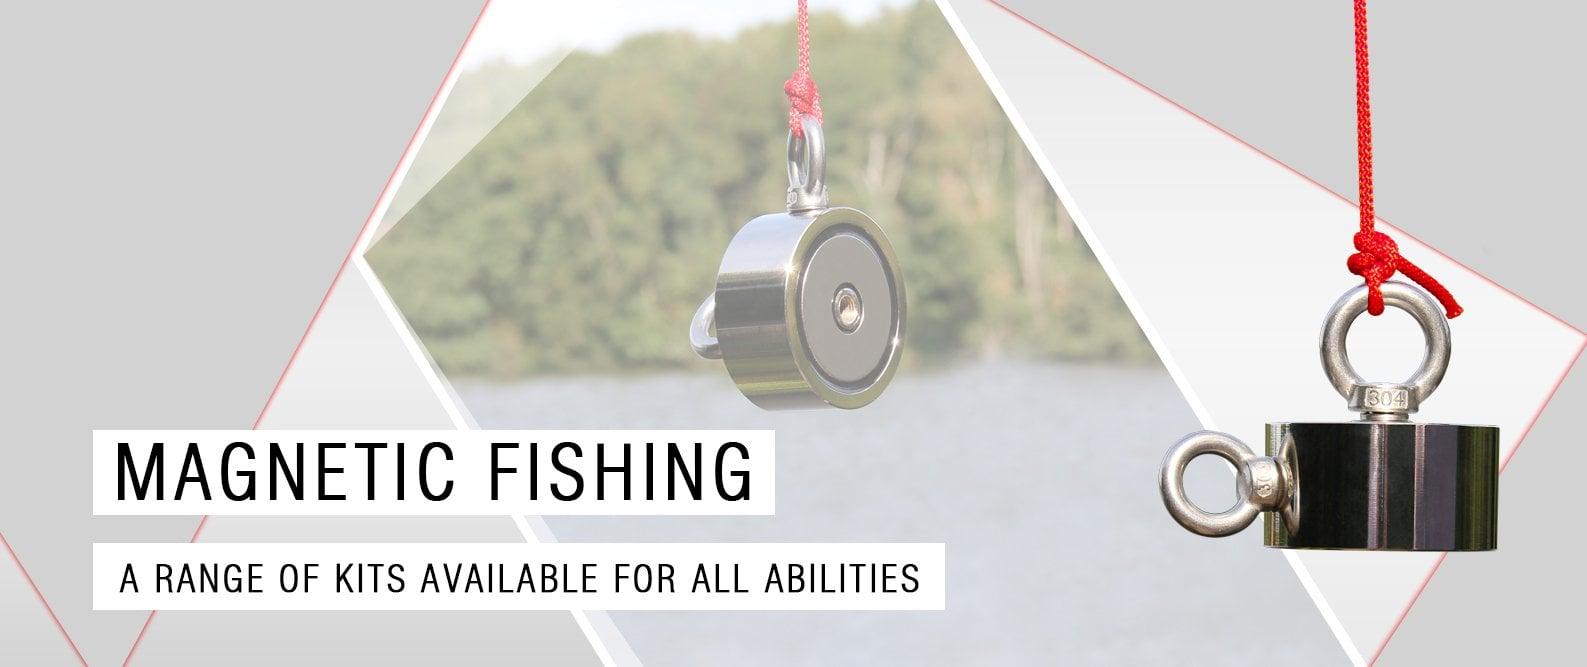 Magnet Fishing 2019